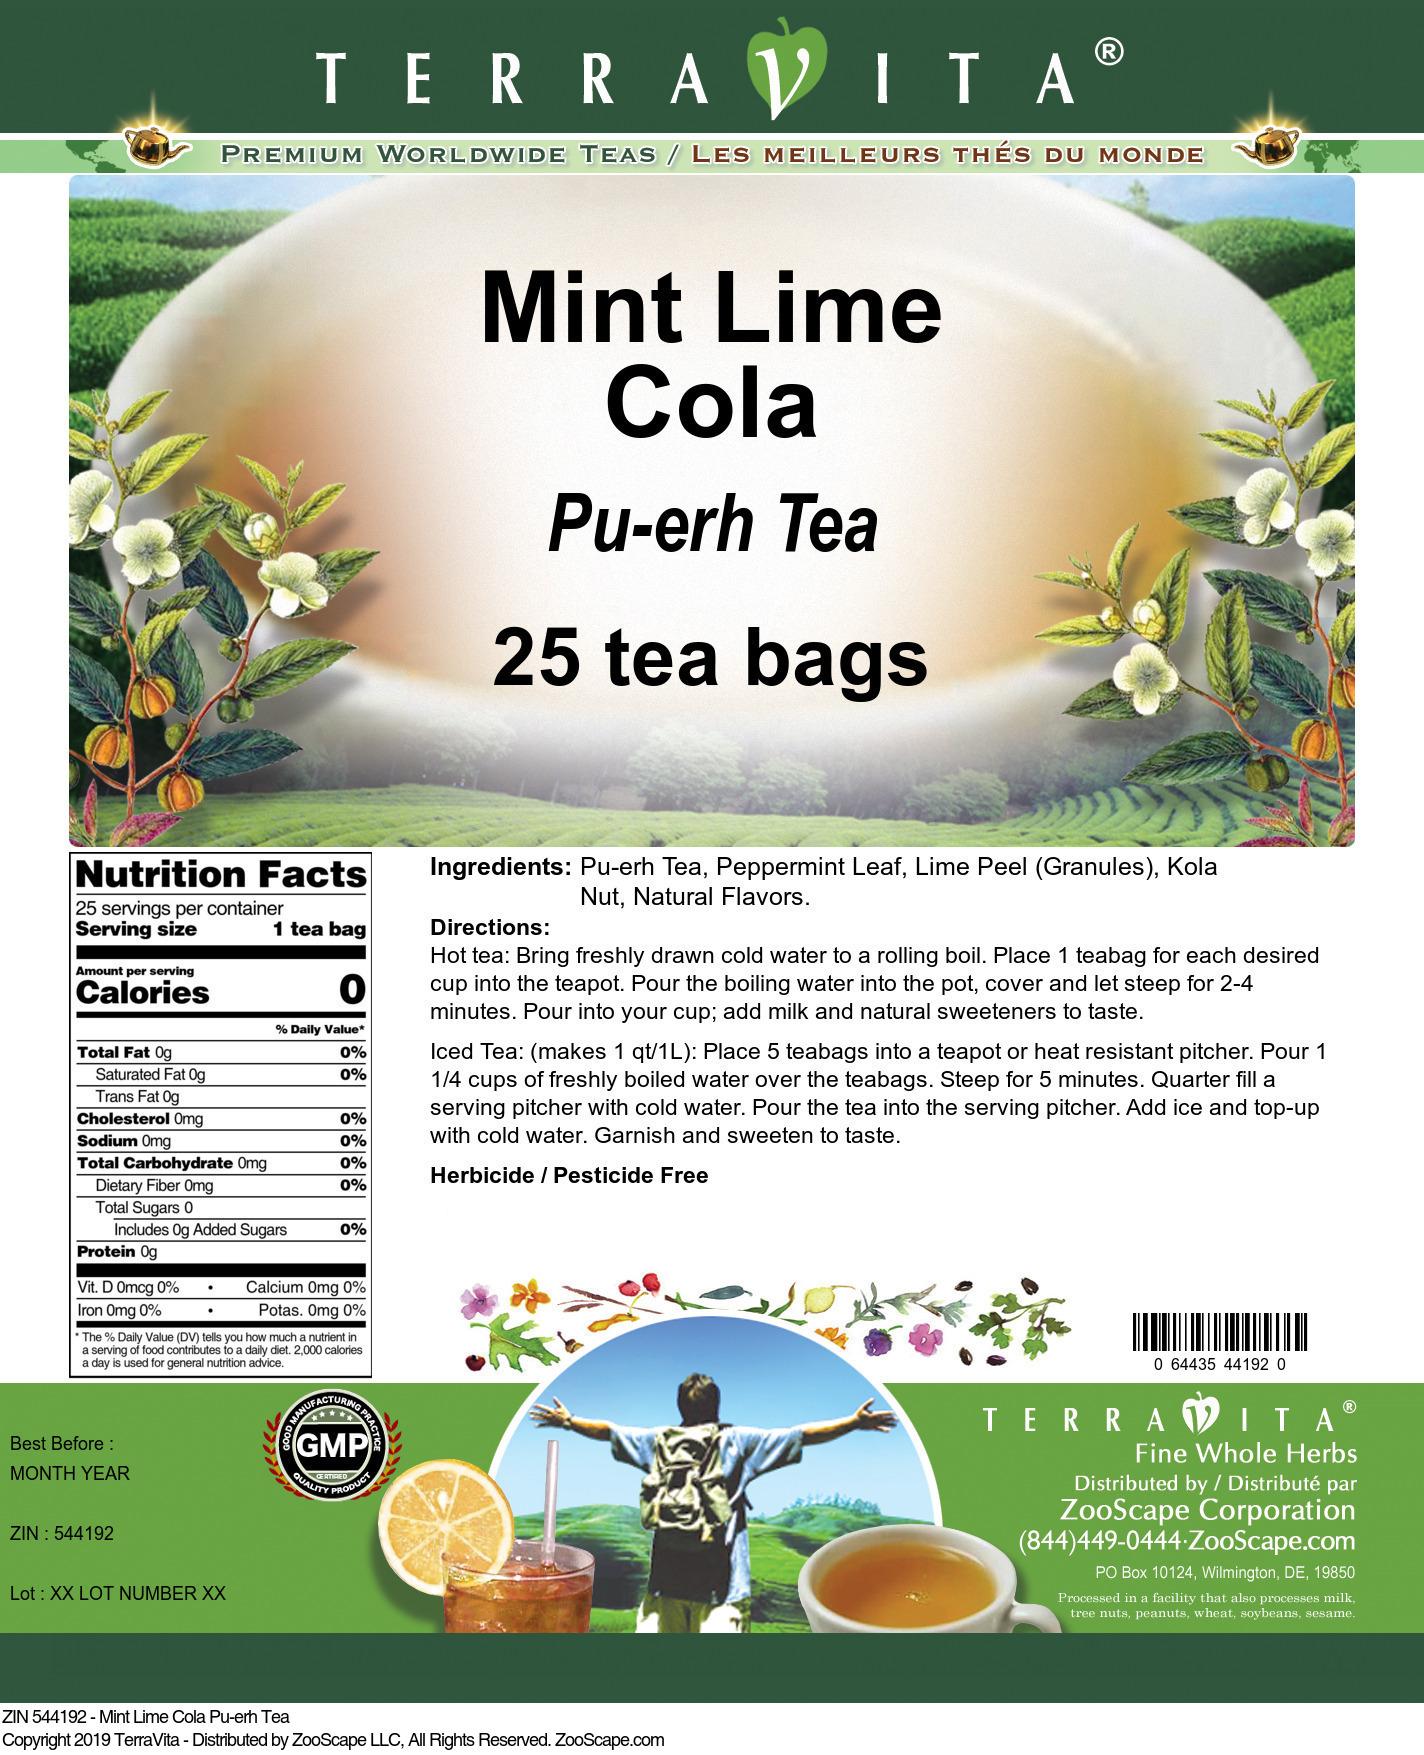 Mint Lime Cola Pu-erh Tea